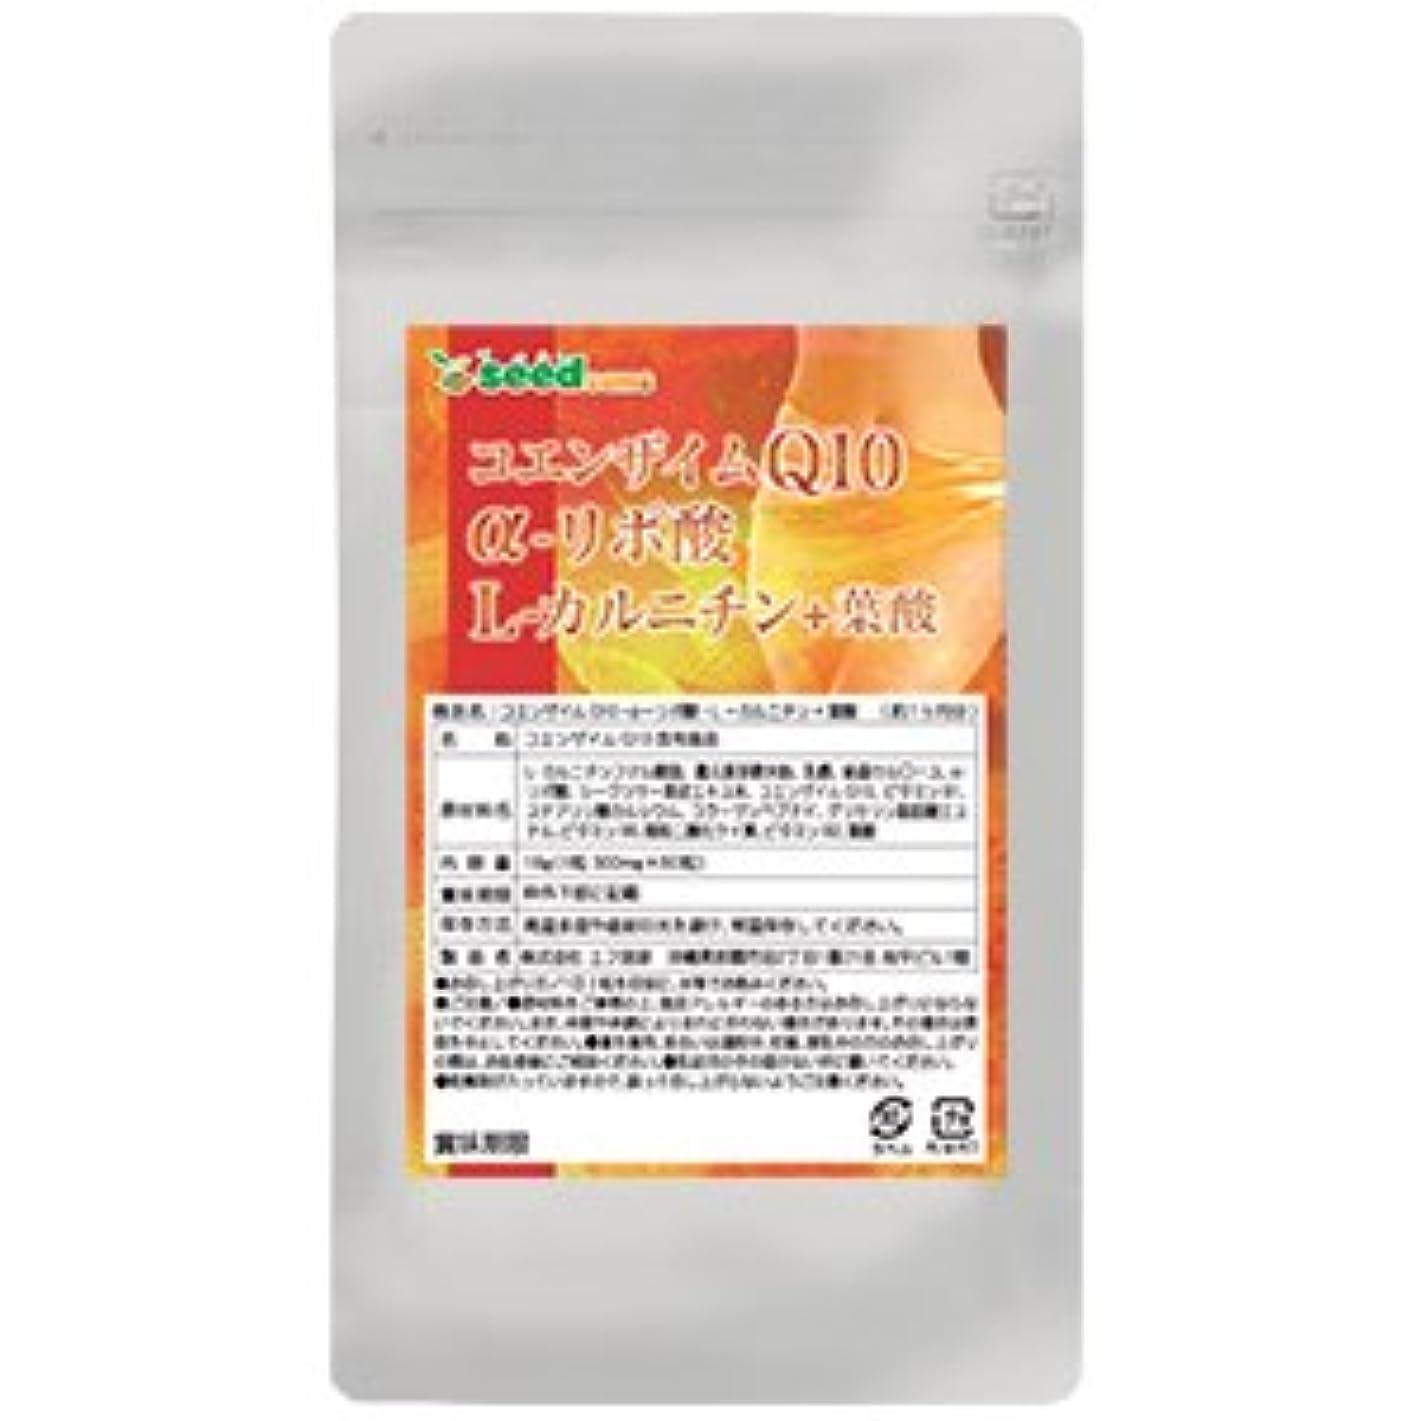 ひいきにする薄暗いハシーコエンザイムQ10 α-リポ酸 L-カルニチン + 葉酸 (約3ヶ月分/180粒) シークワーサーエキス配合